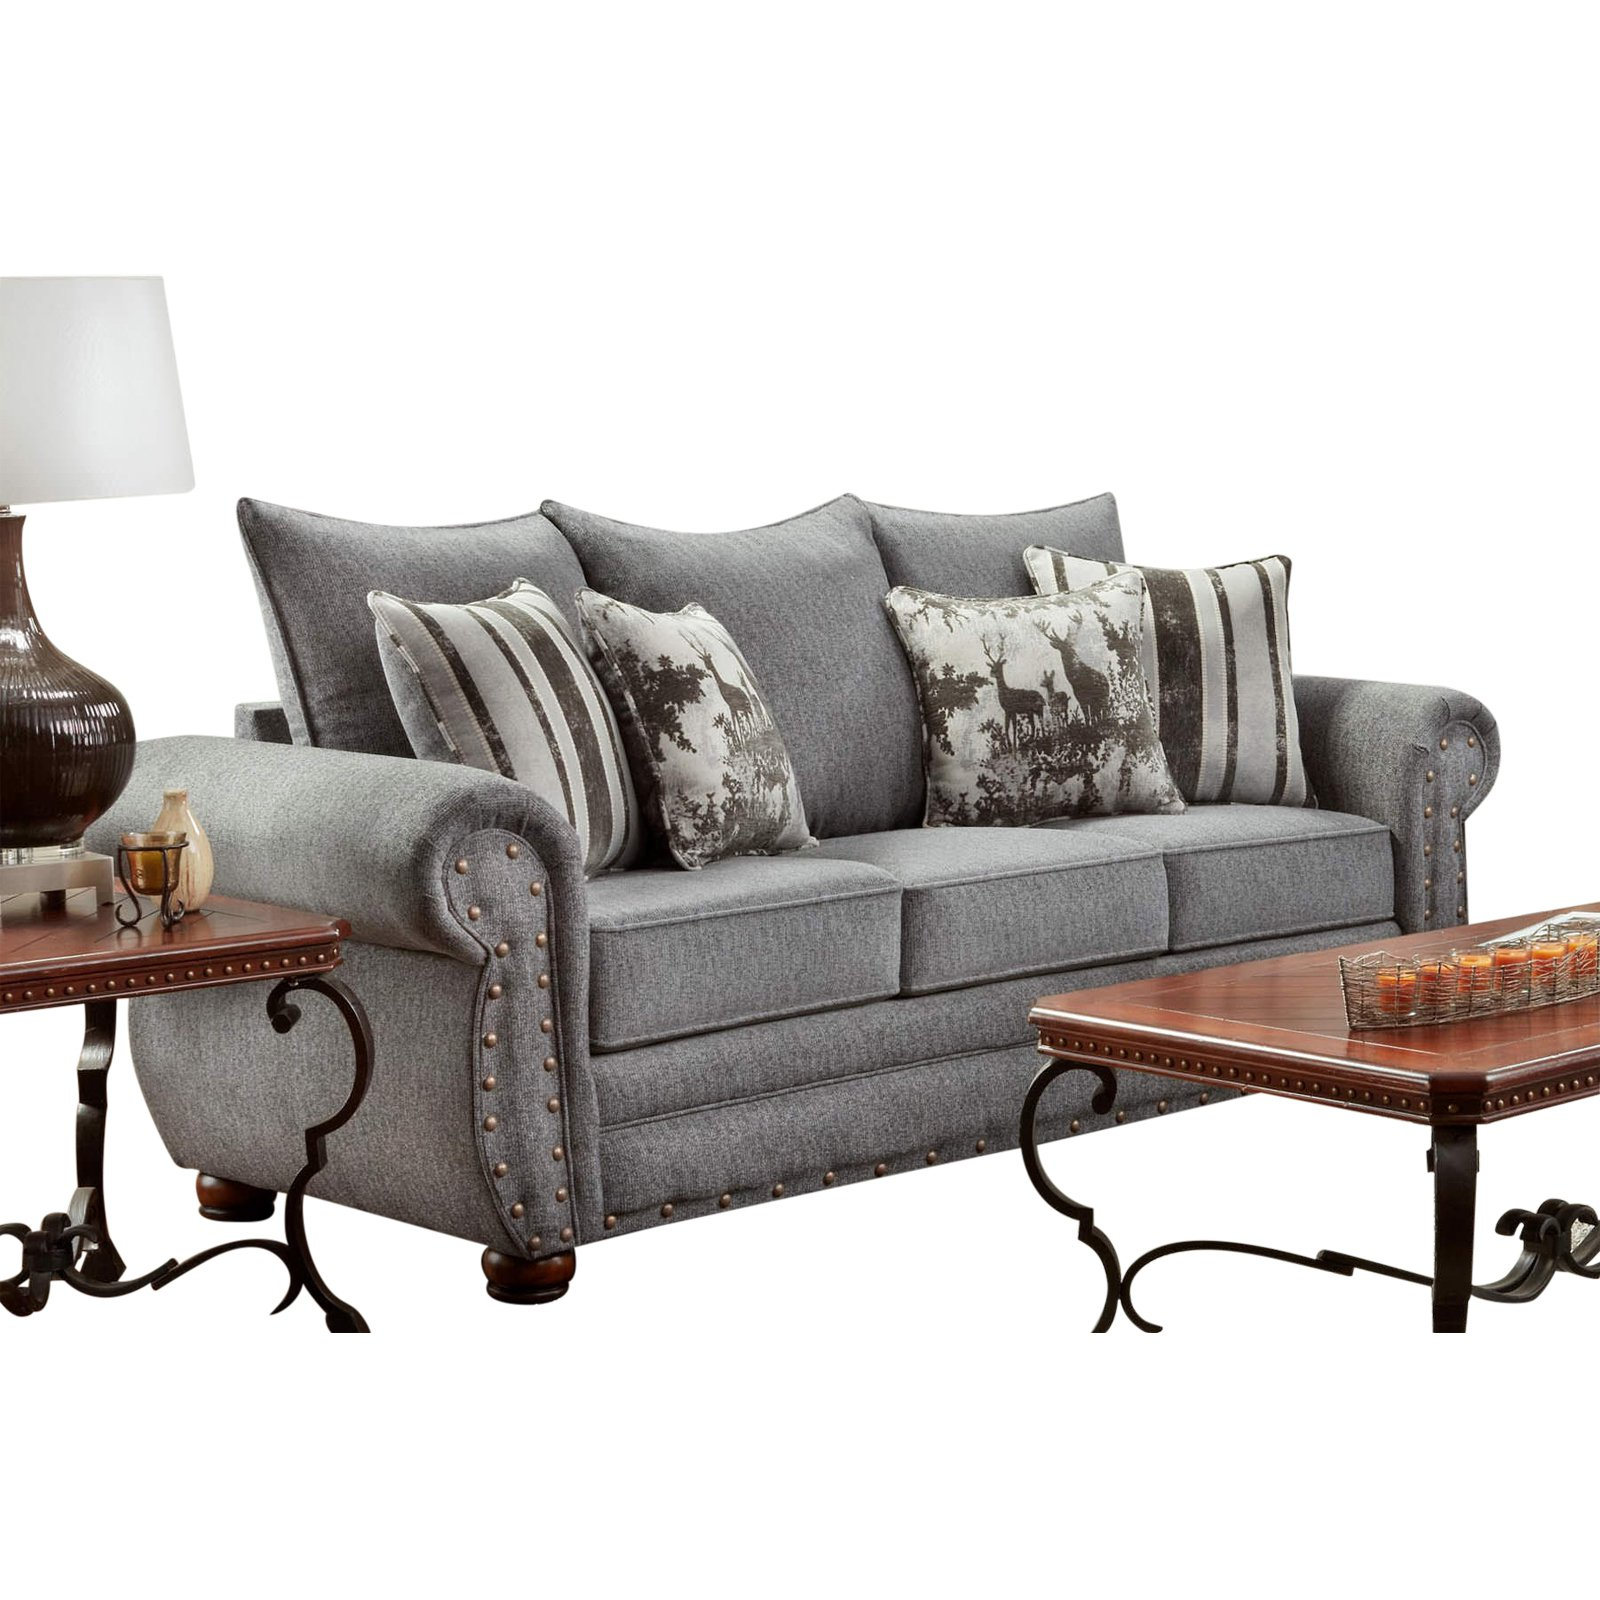 American Furniture Classics Model B3103 Erss Elk River Storm Sofa